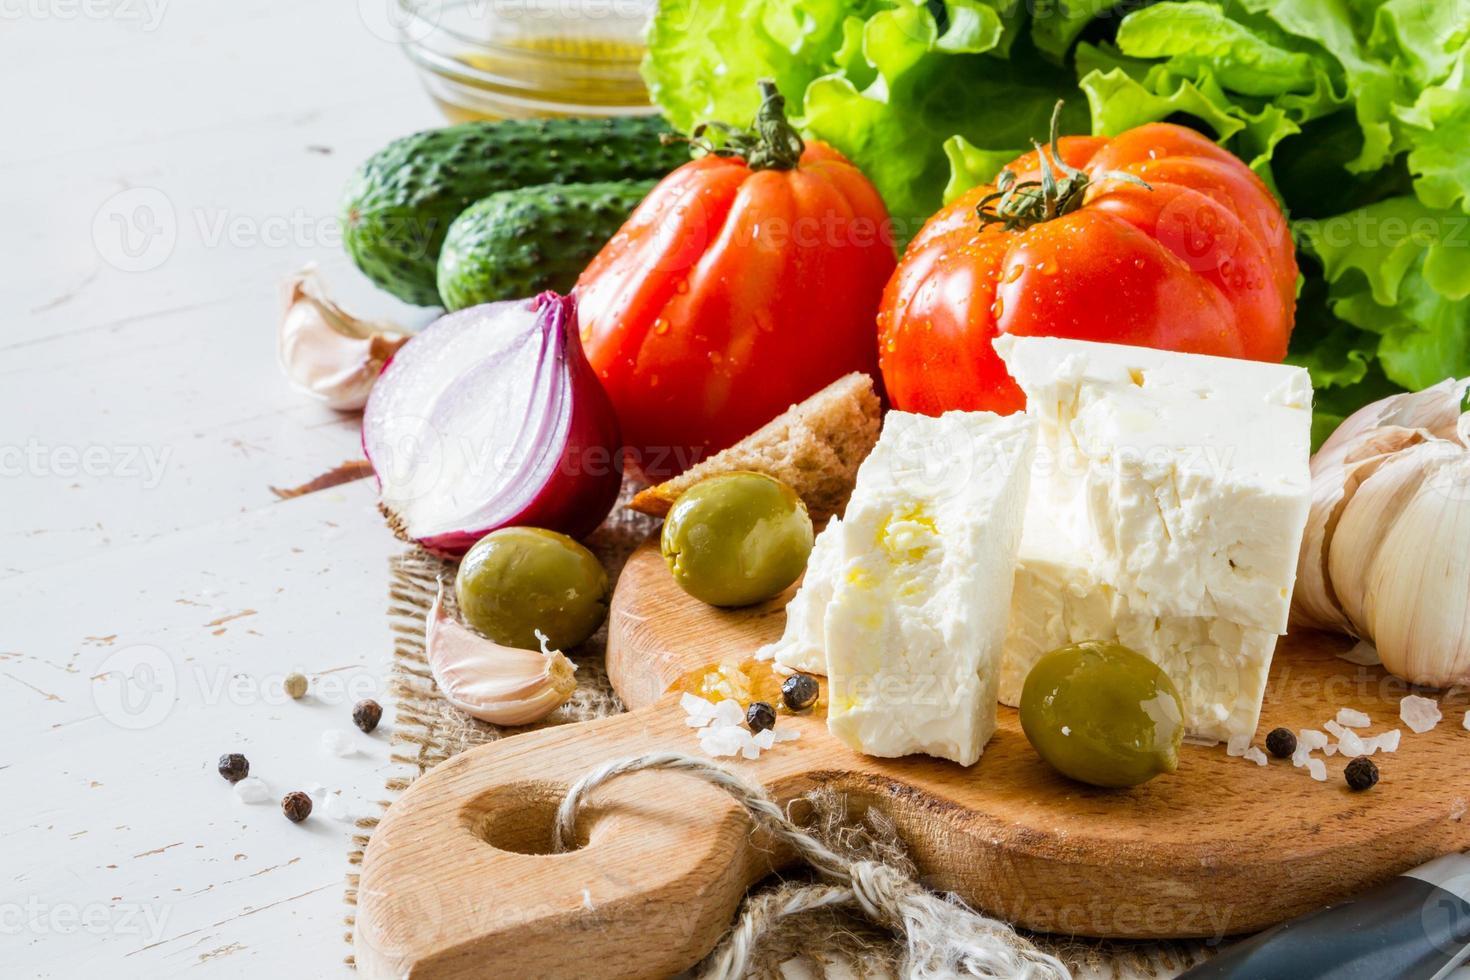 salladingredienser - tomat, sallad, gurka, feta, lök, oliv, vitlök foto